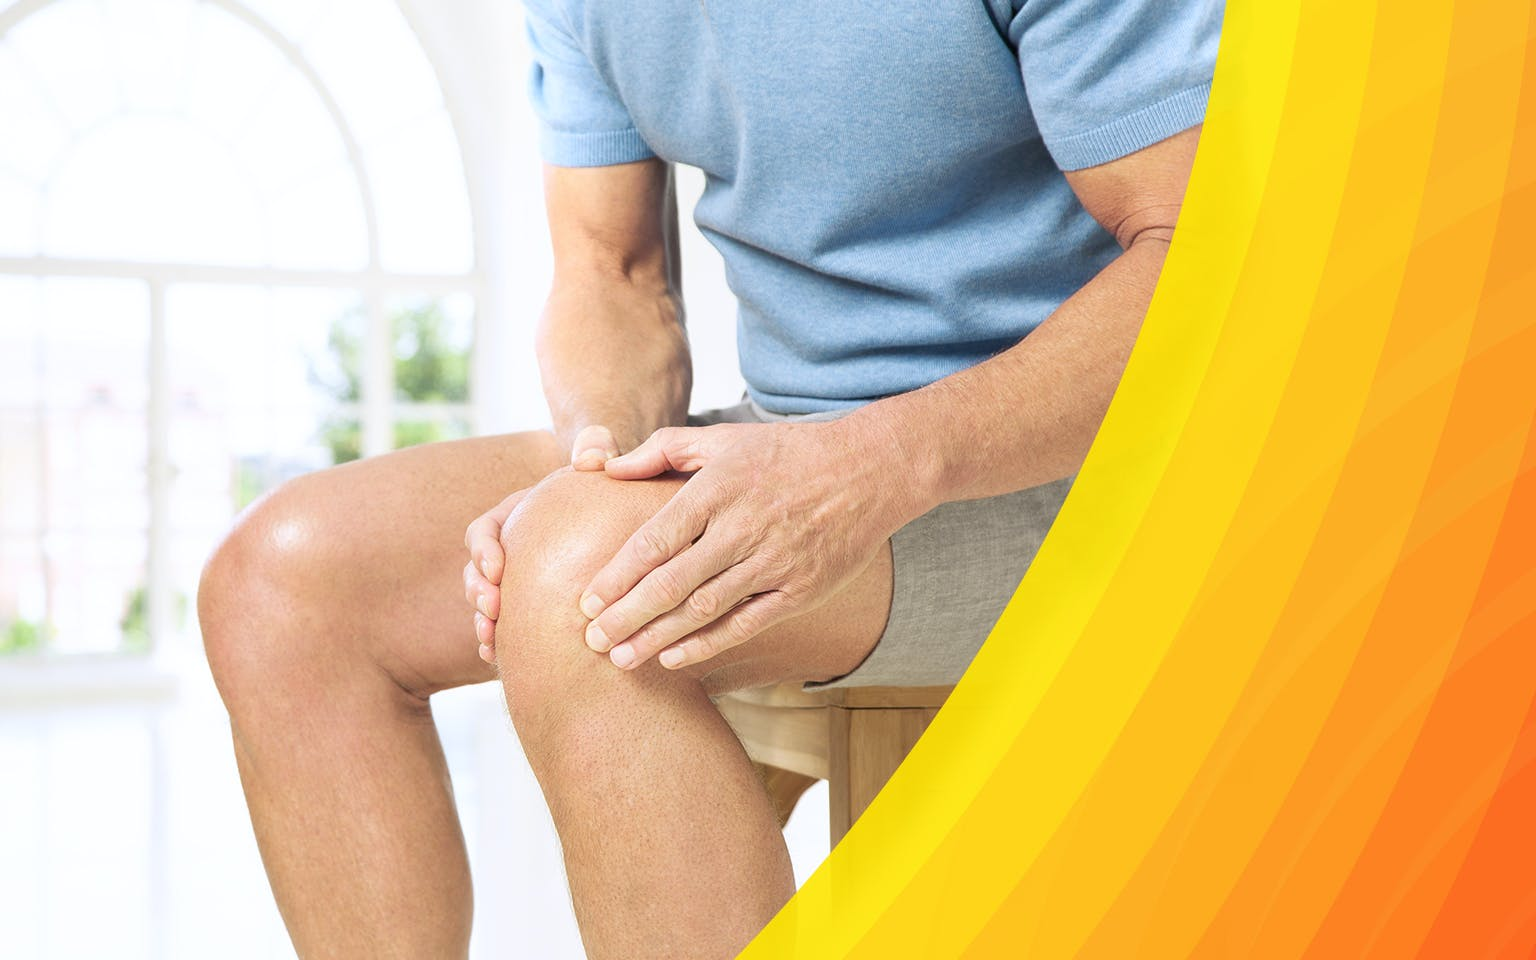 skauda ir crustes riešo sąnario aukso mal su skausmus sąnariuose